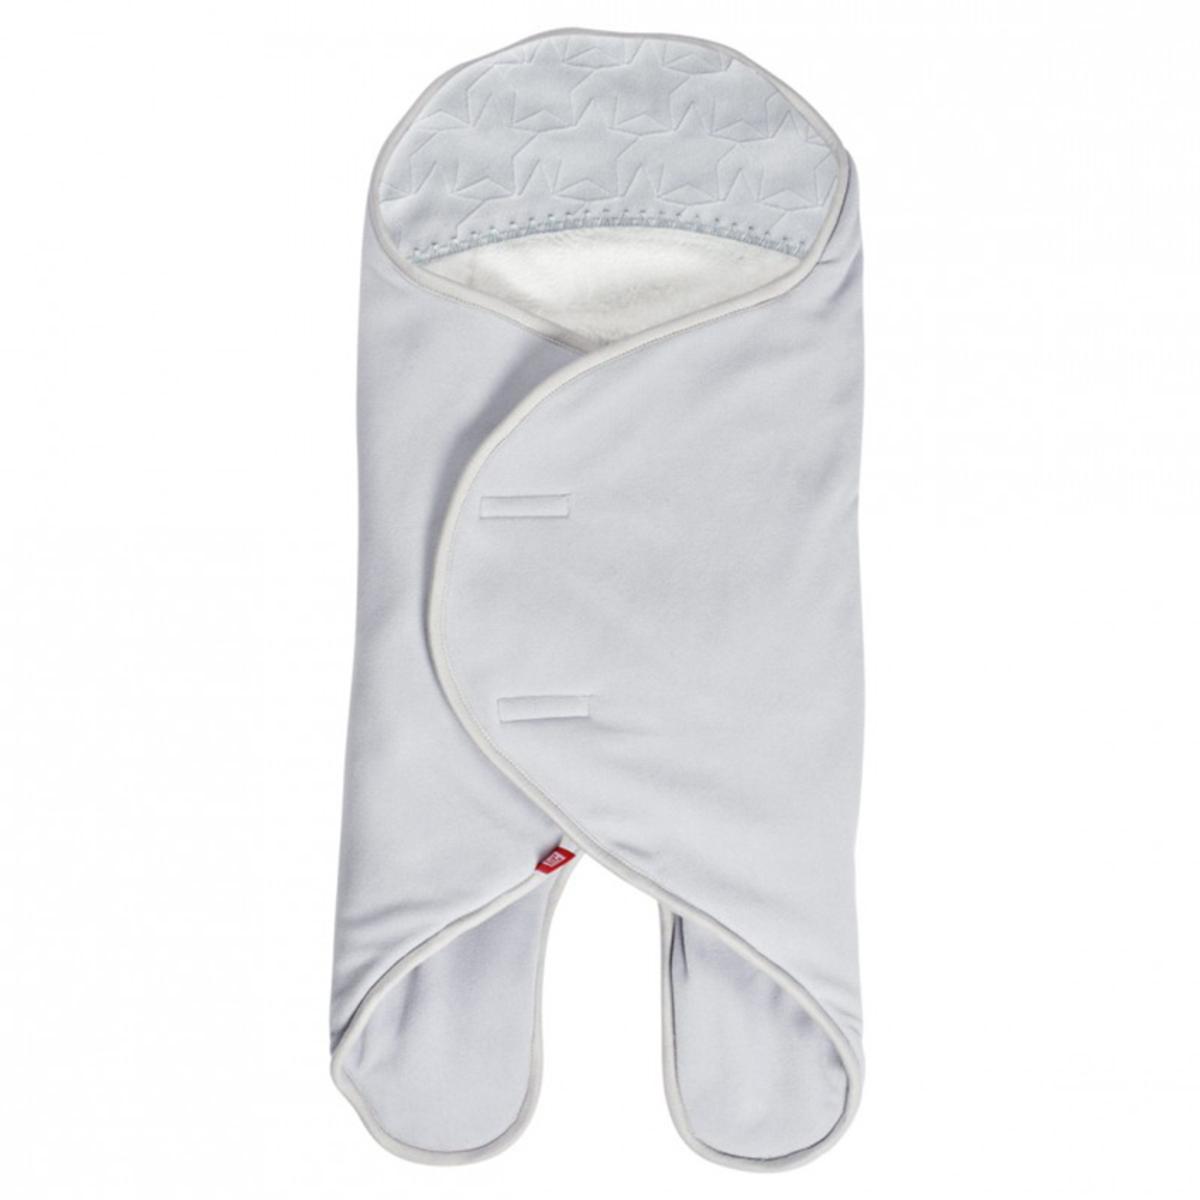 Chancelière Babynomade Double Polaire Gris Perle et Blanc - 0/6 Mois